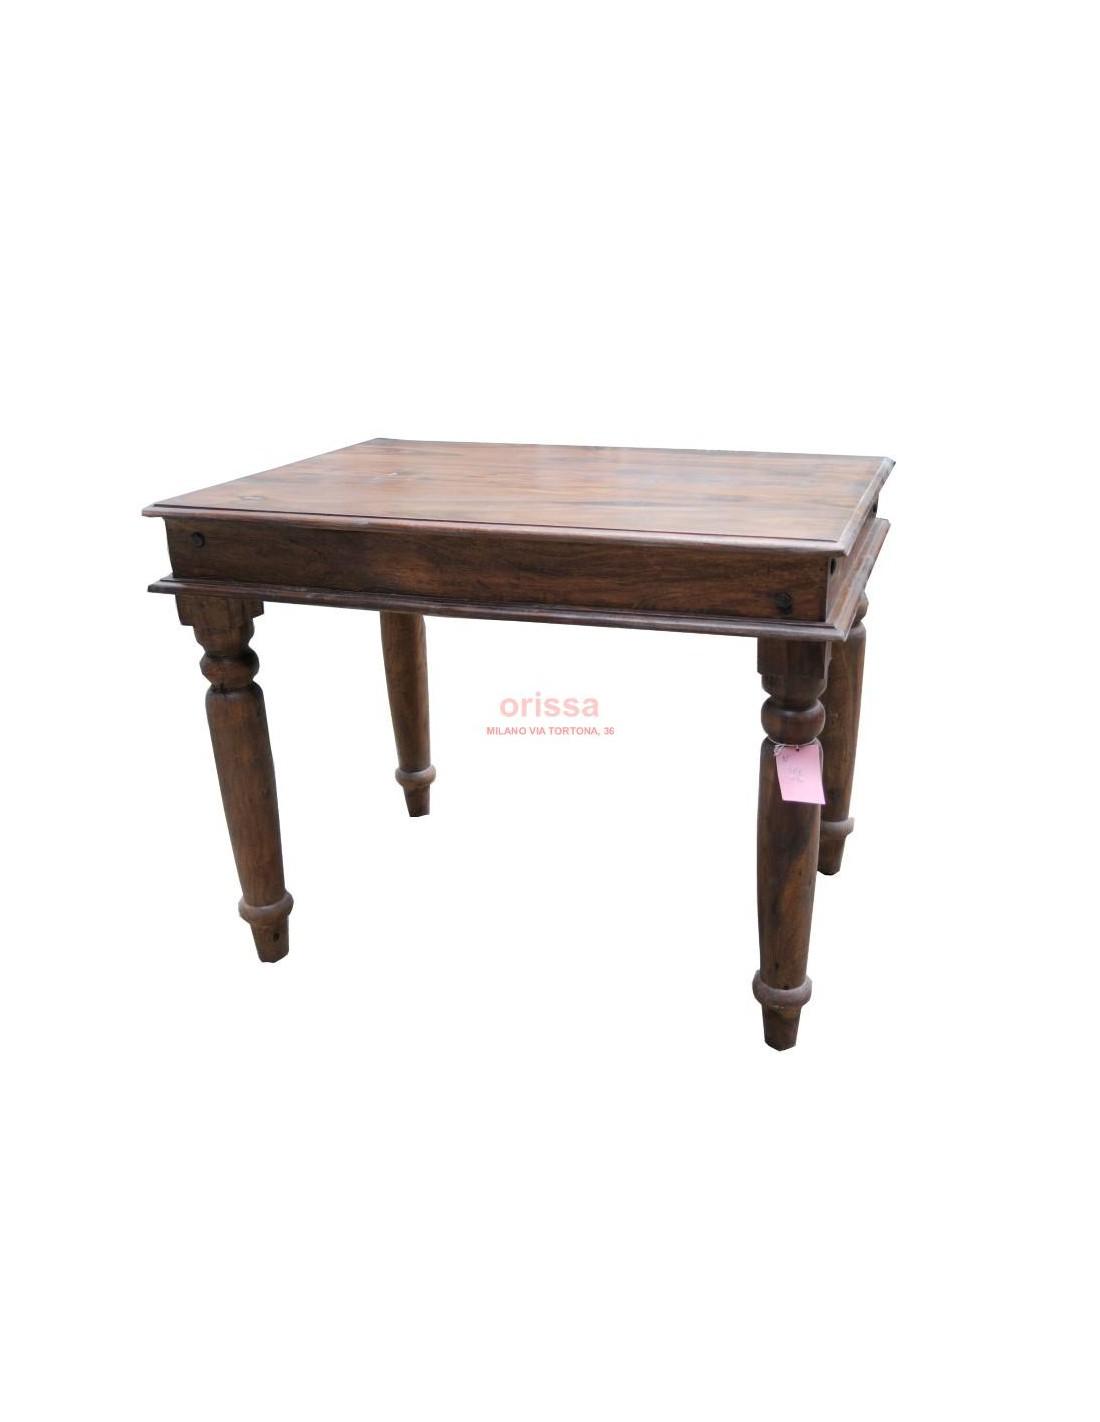 Tavolo in legno massello sheshame indiano da 100 a 200 cm OR044 ...